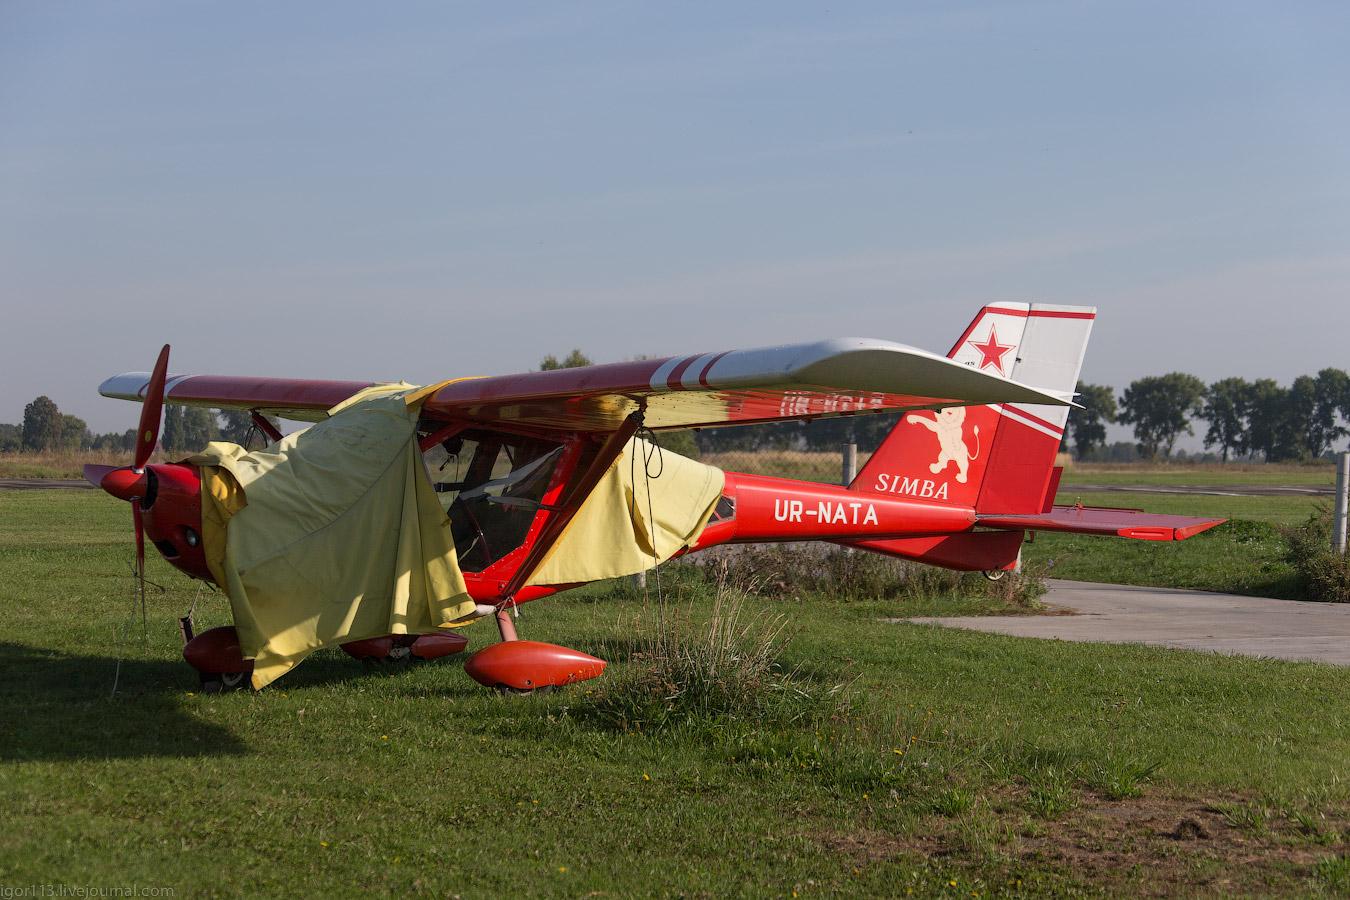 Собственно один из aeroprakt 22 этот тут